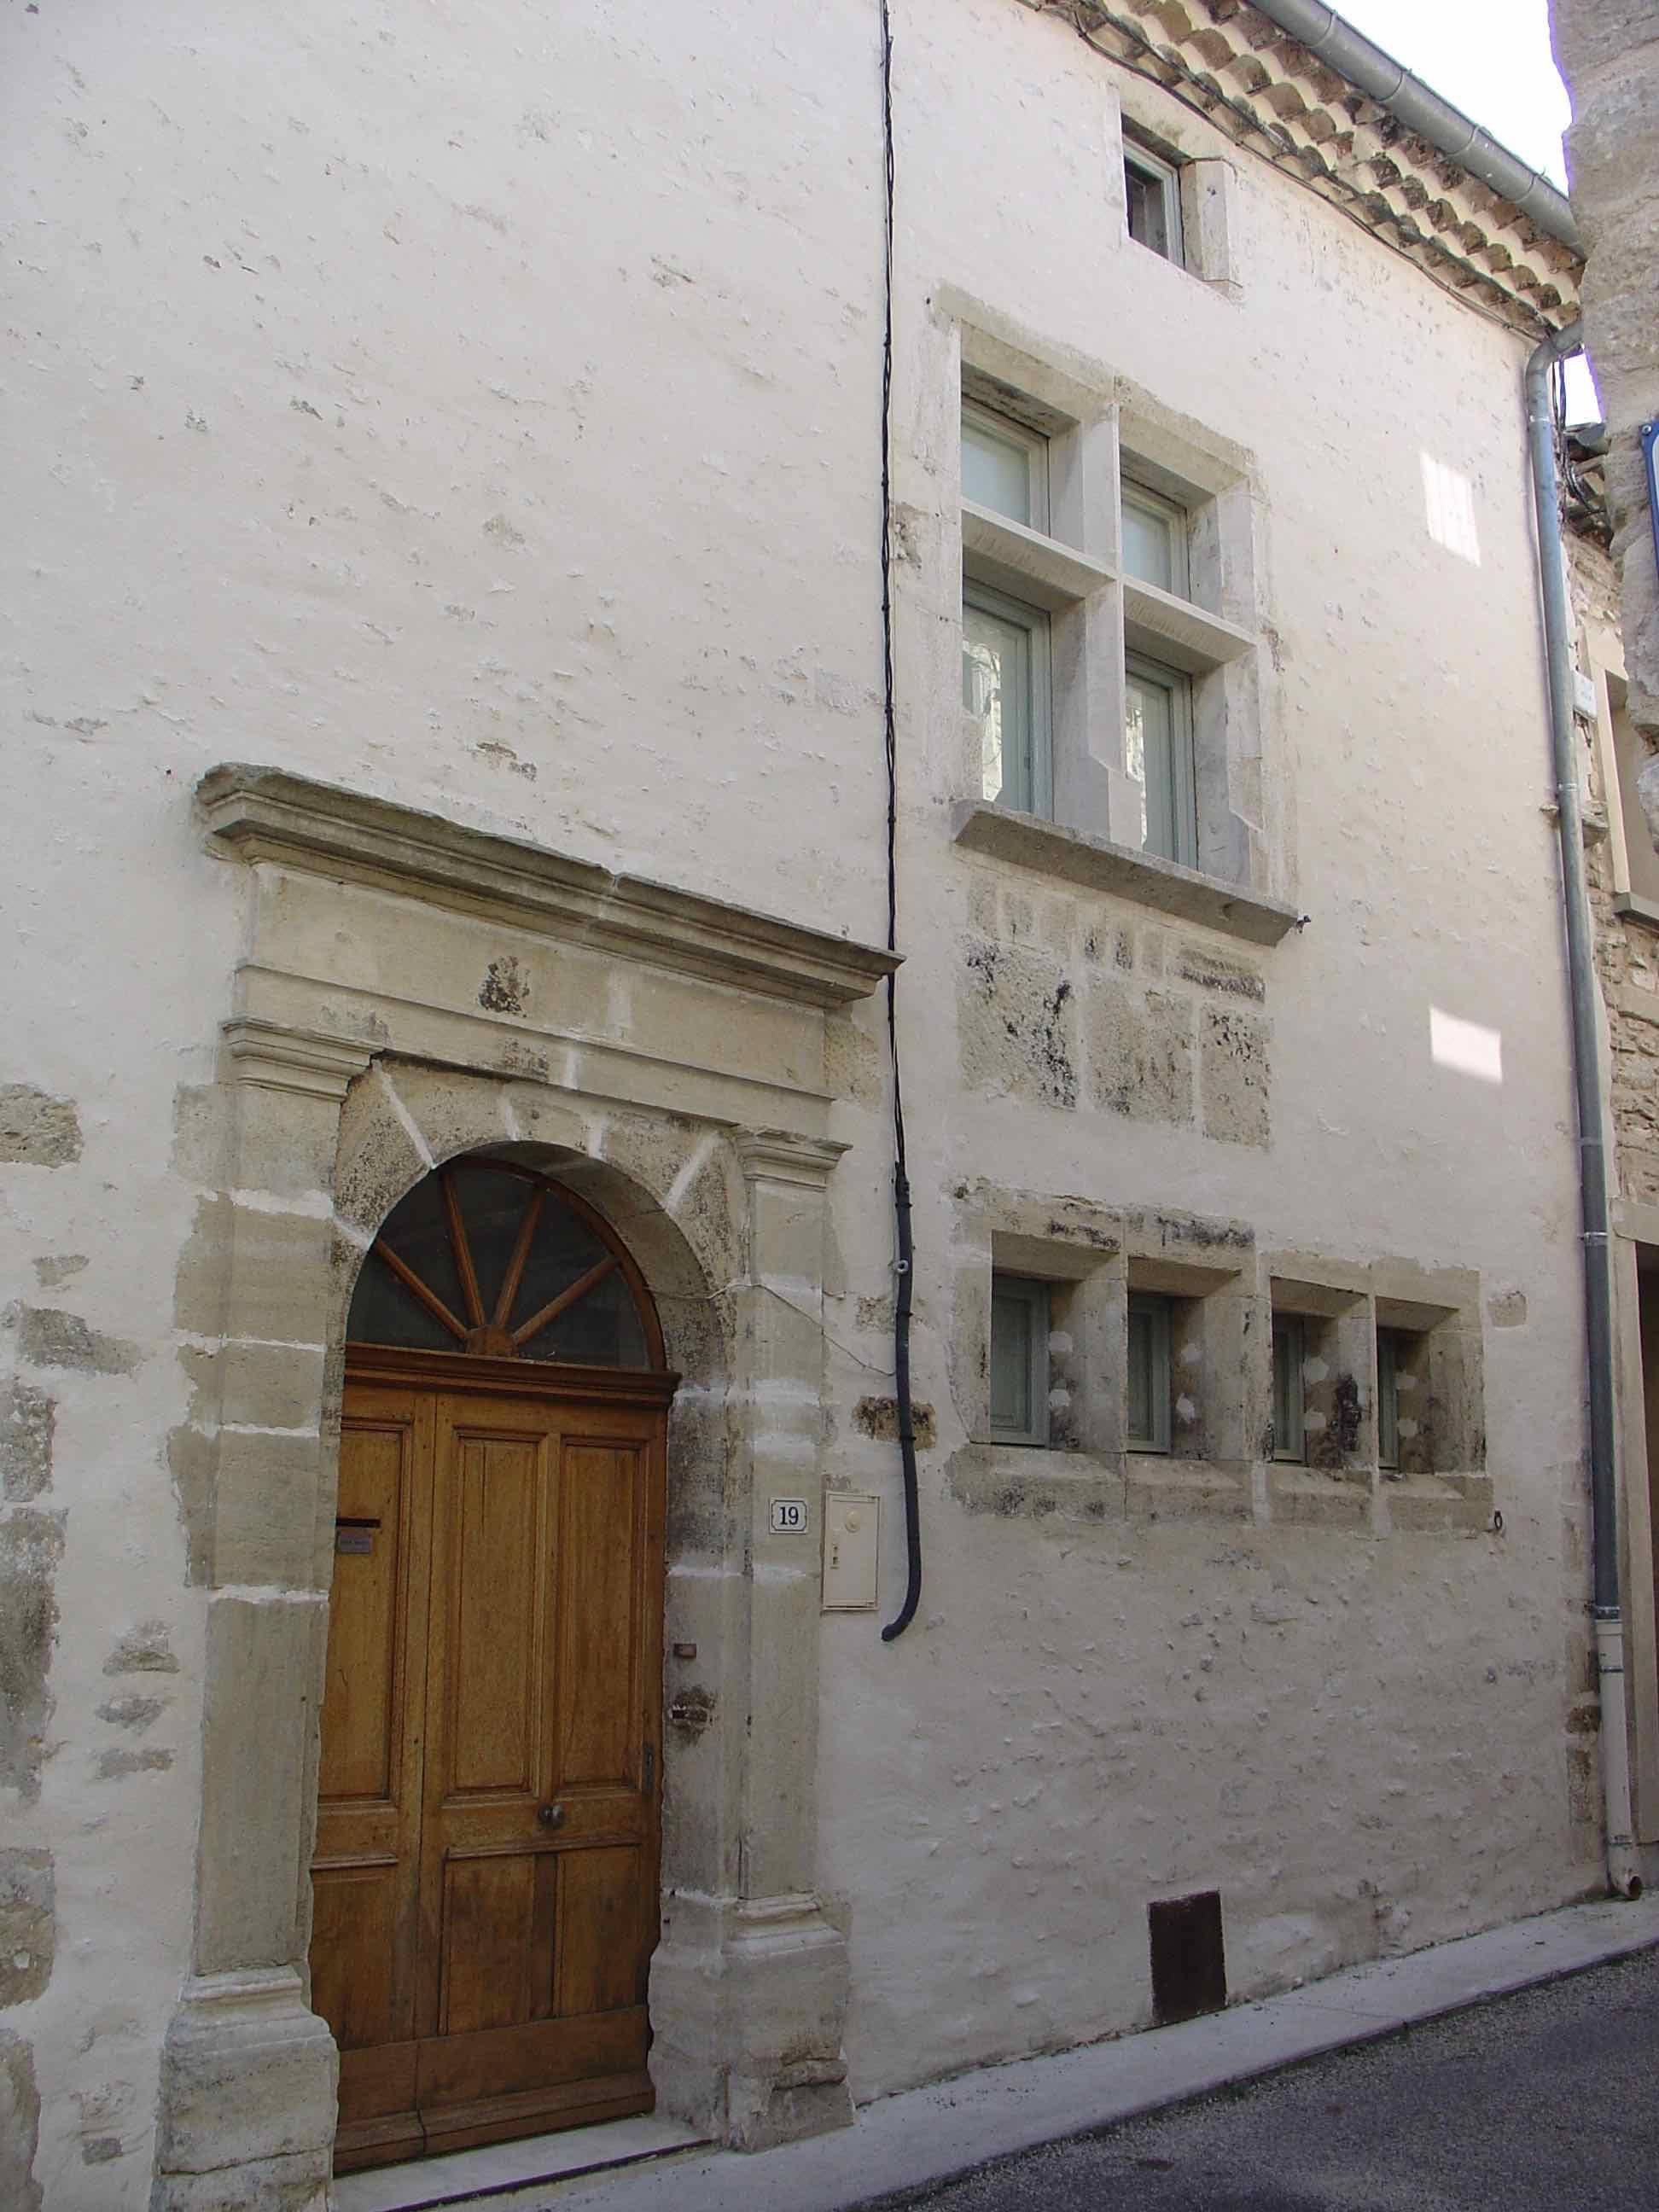 Maison noble Facade